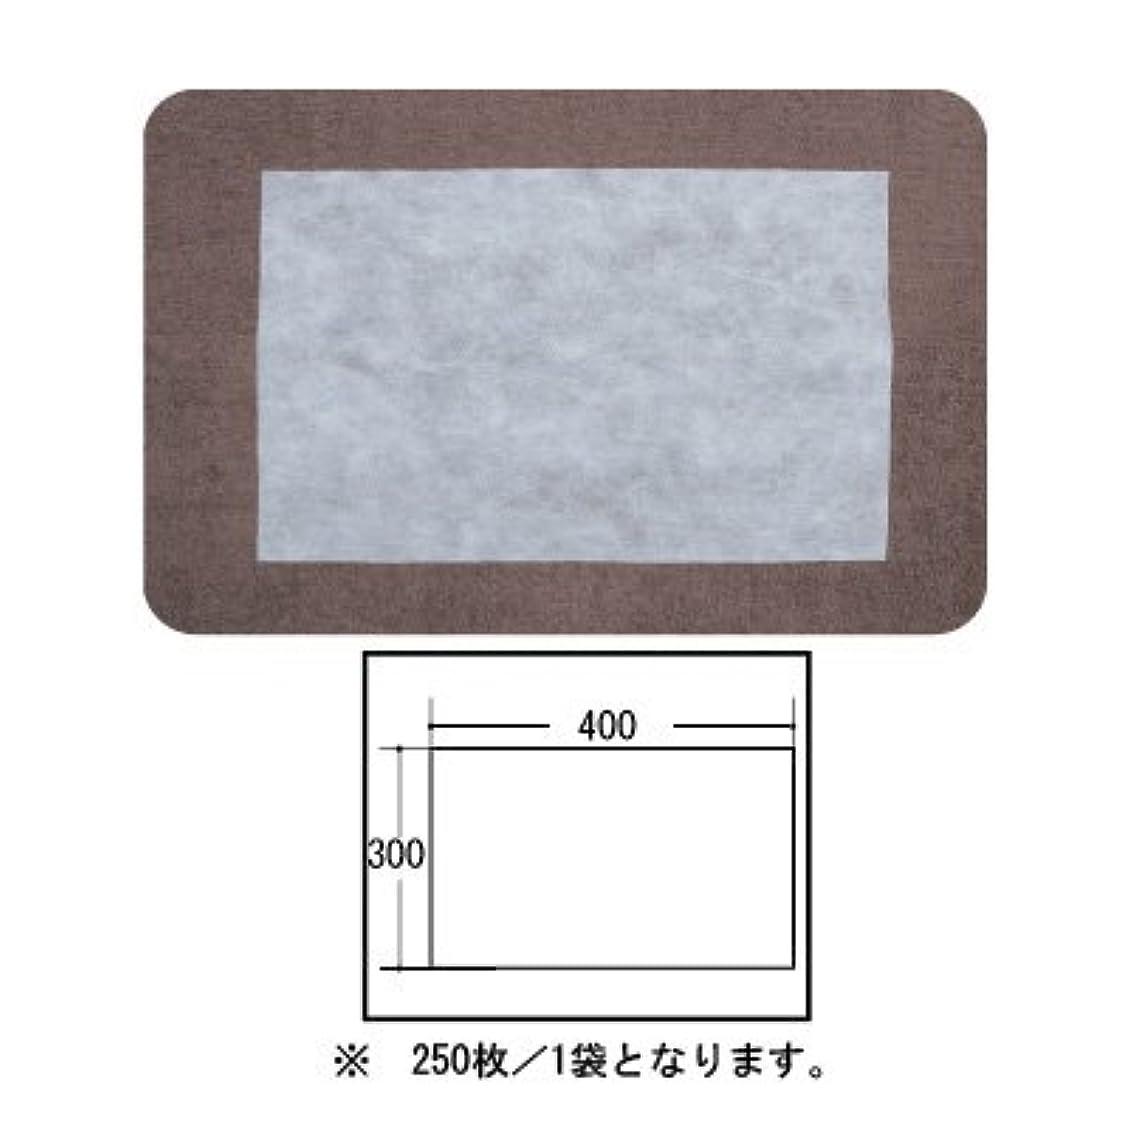 重々しいデンマーク語つまらない(ロータス)LOTUS 日本製 ピロカバー カット無し 250枚入 業務用 マルチな不織布カバー